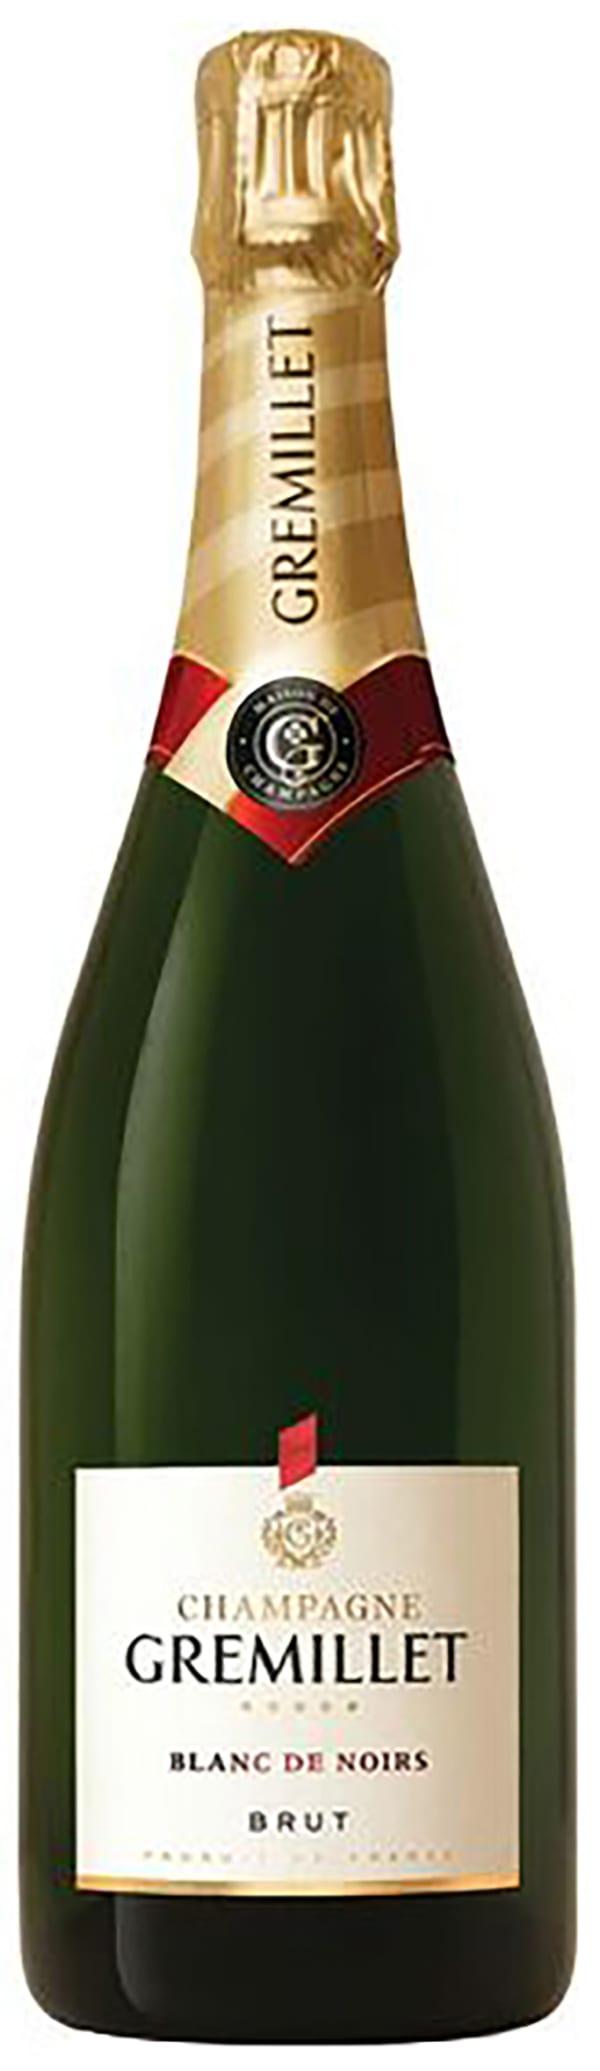 Gremillet Blanc de Noirs Champagne Brut